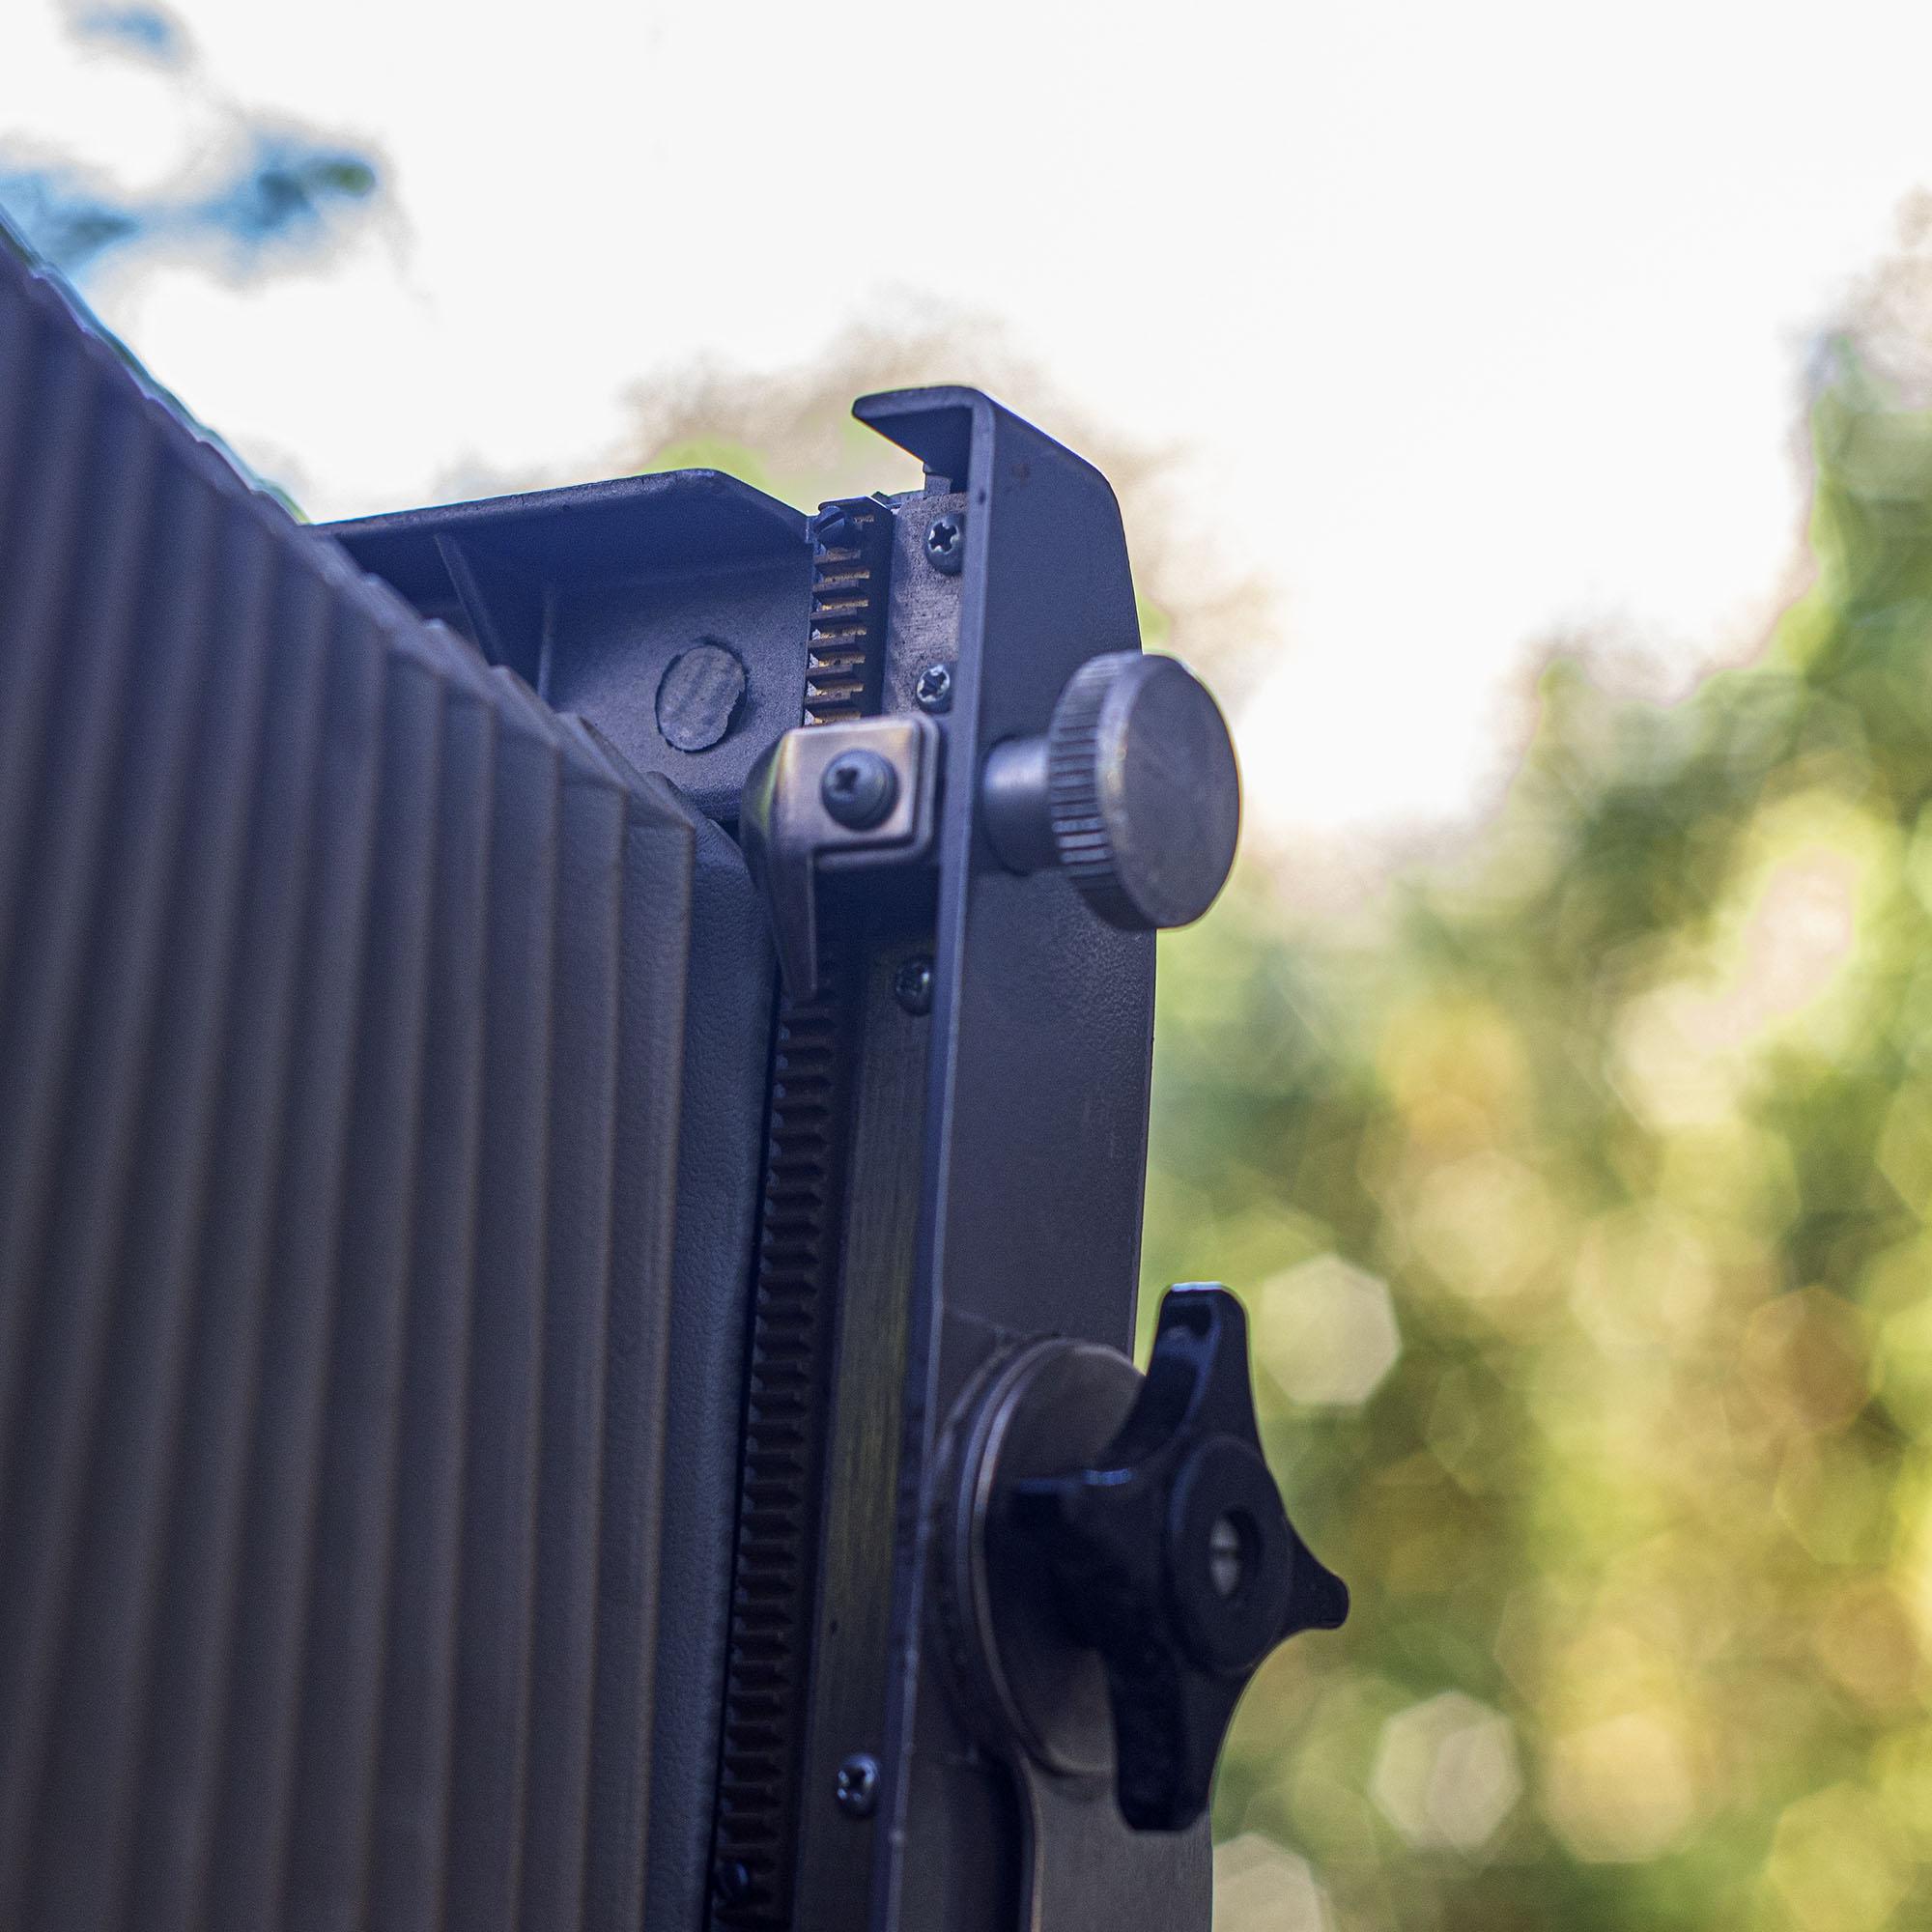 Calumet view camera front standard gears